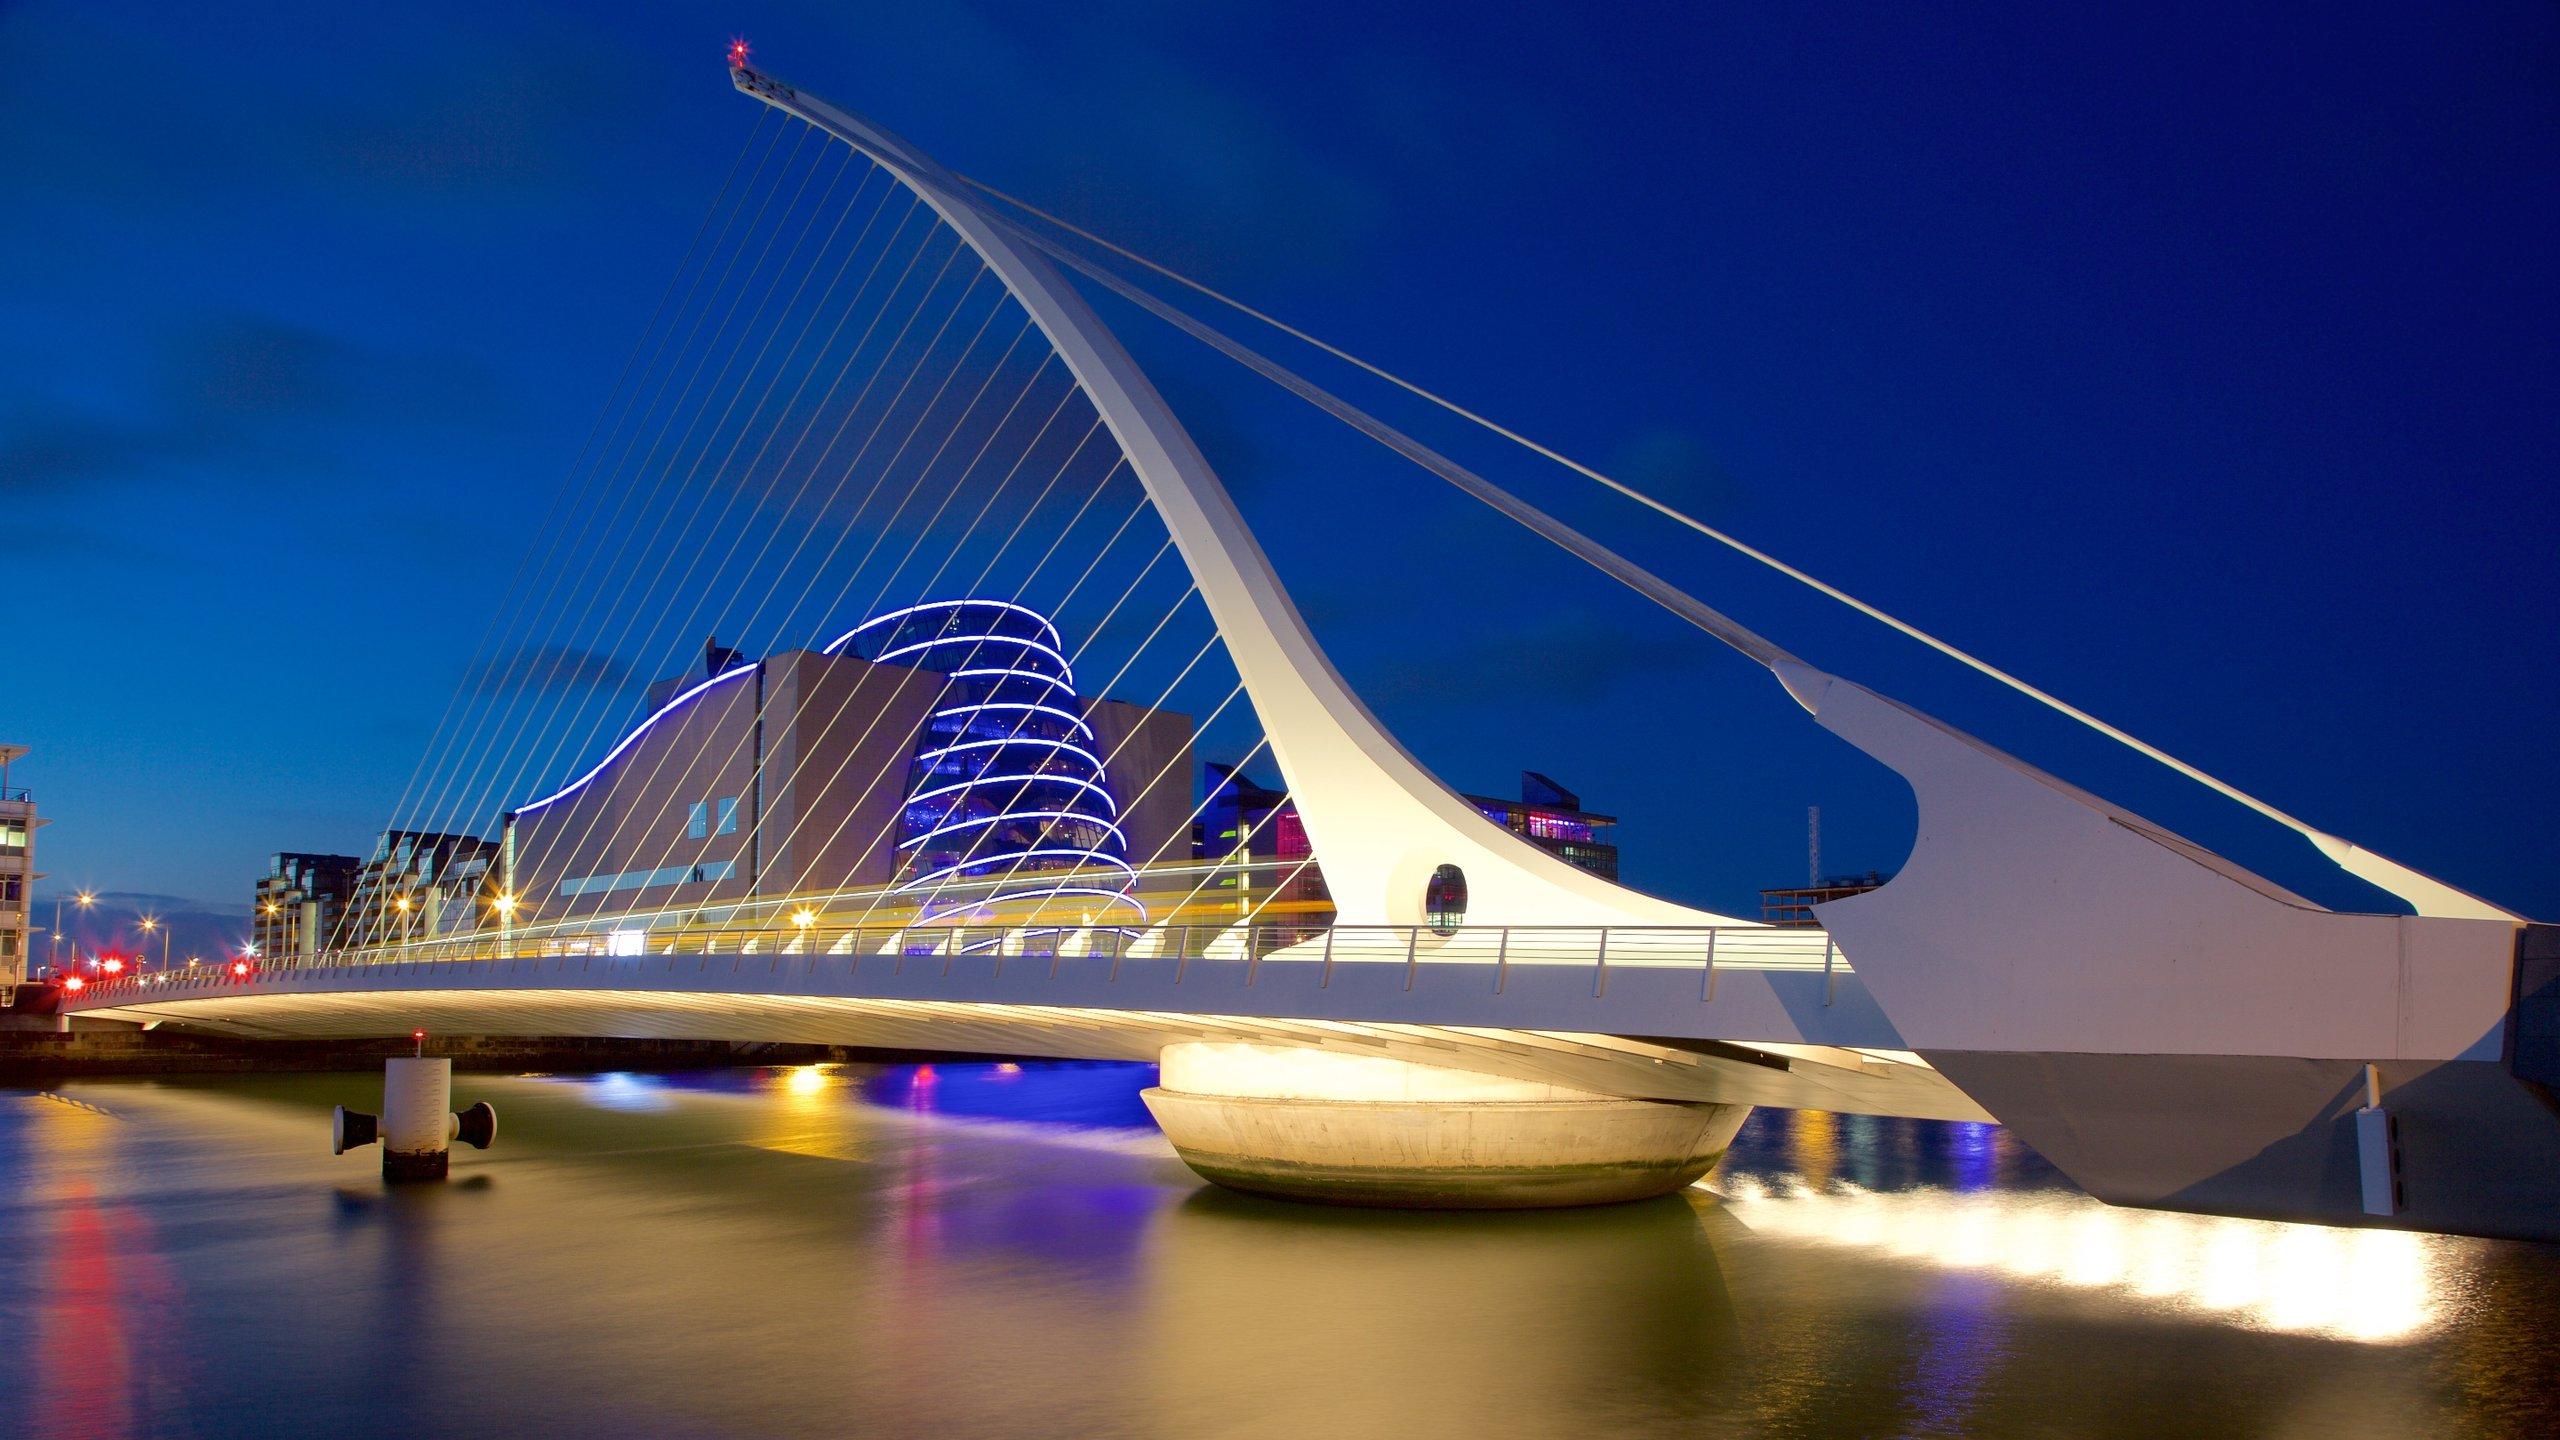 Hotel Dublin Gunstig Buchen Hotels Expedia De